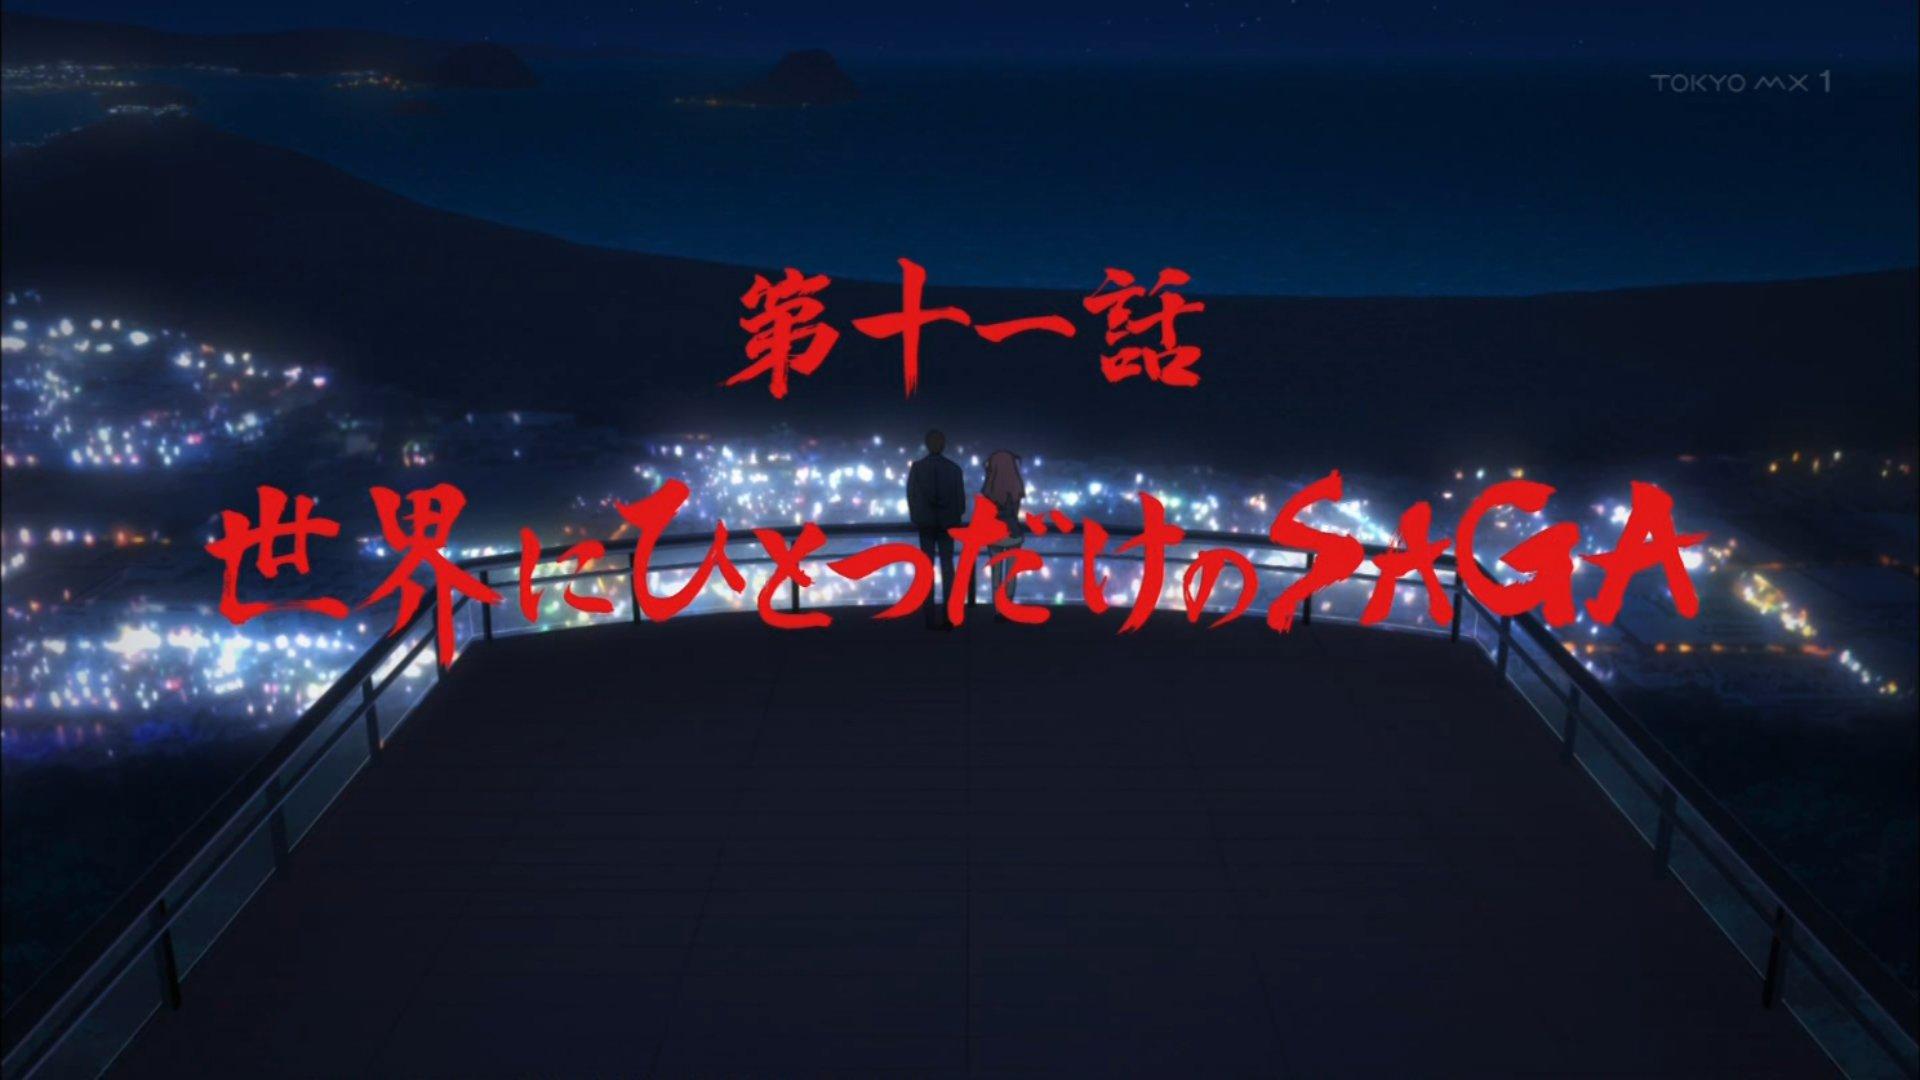 世界にひとつだけのSAGA #ゾンビランドサガ #TokyoMX https://t.co/VcTFSwoTpo